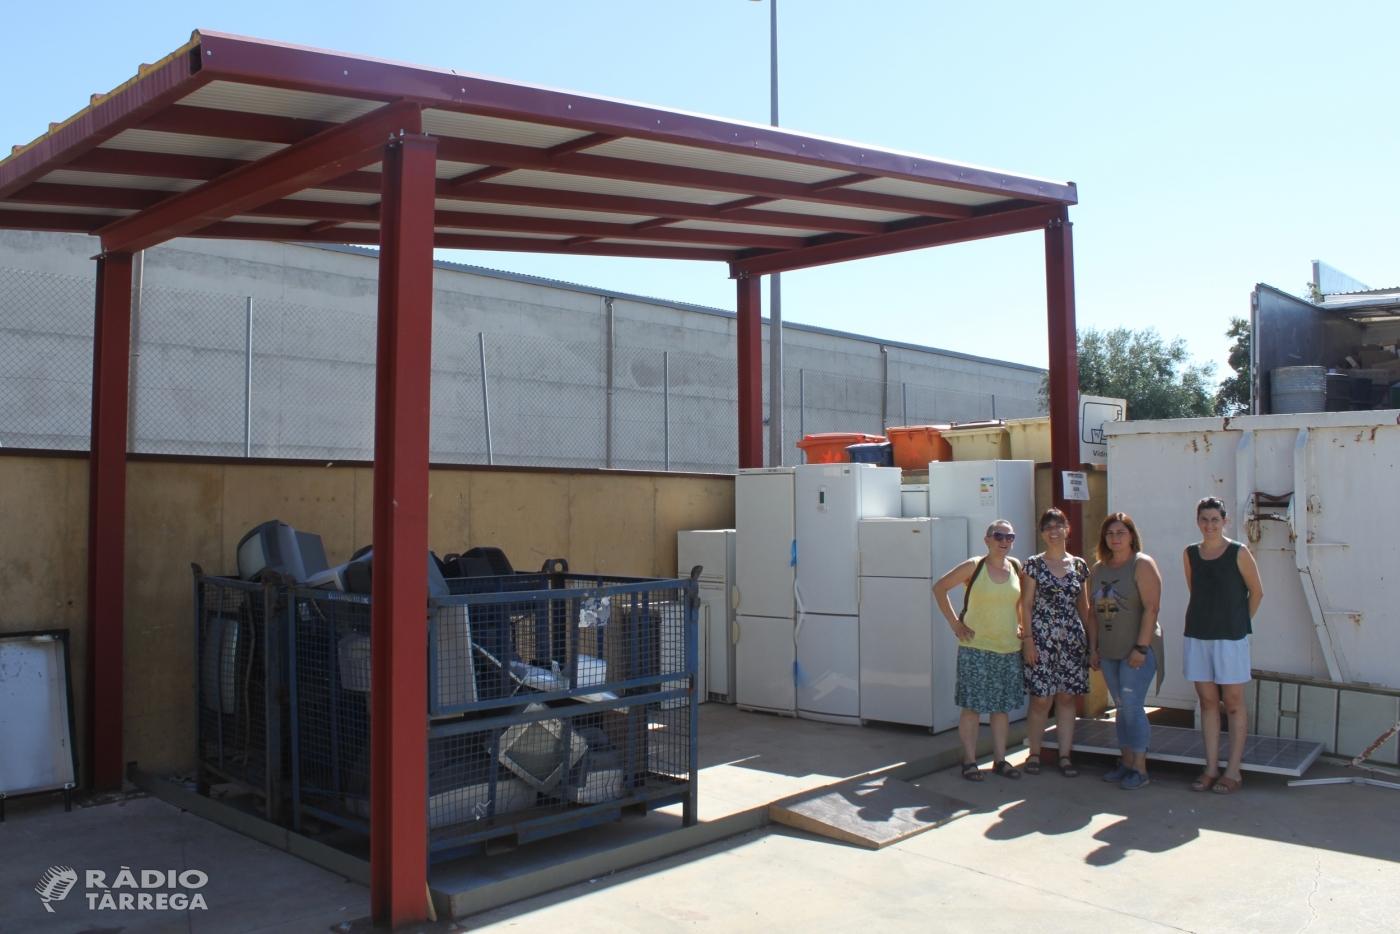 L'Ajuntament de Tàrrega construeix una coberta a la deixalleria municipal per millorar el tractament dels residus d'electrodomèstics